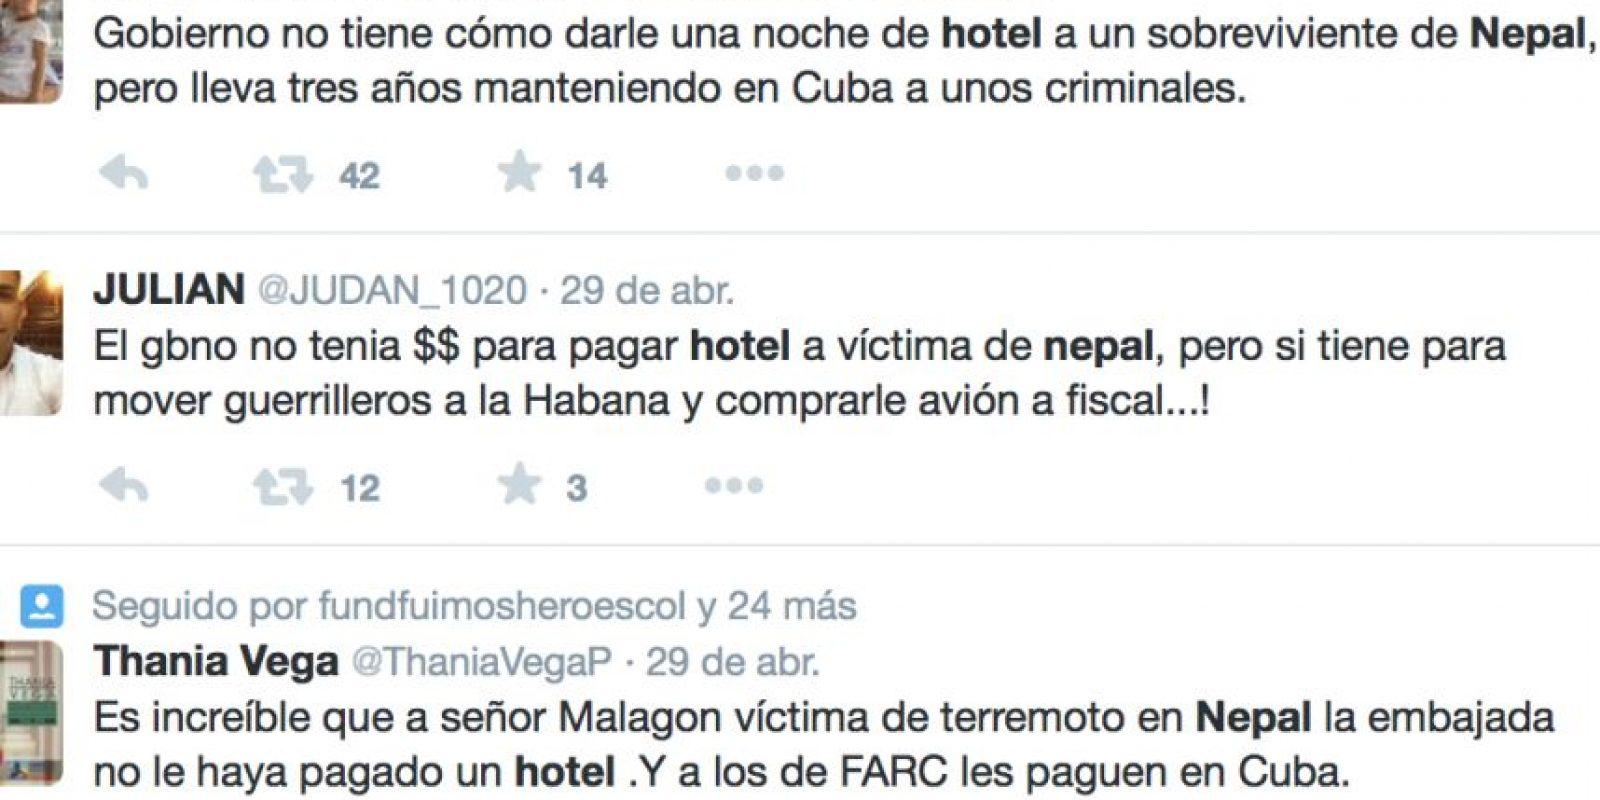 Luis Alberto Malagón fue uno de los 35 colombianos sobrevivientes en el terremoto de Nepal y afirma que el gobierno no hizo nada por él. Foto:vía Twitter